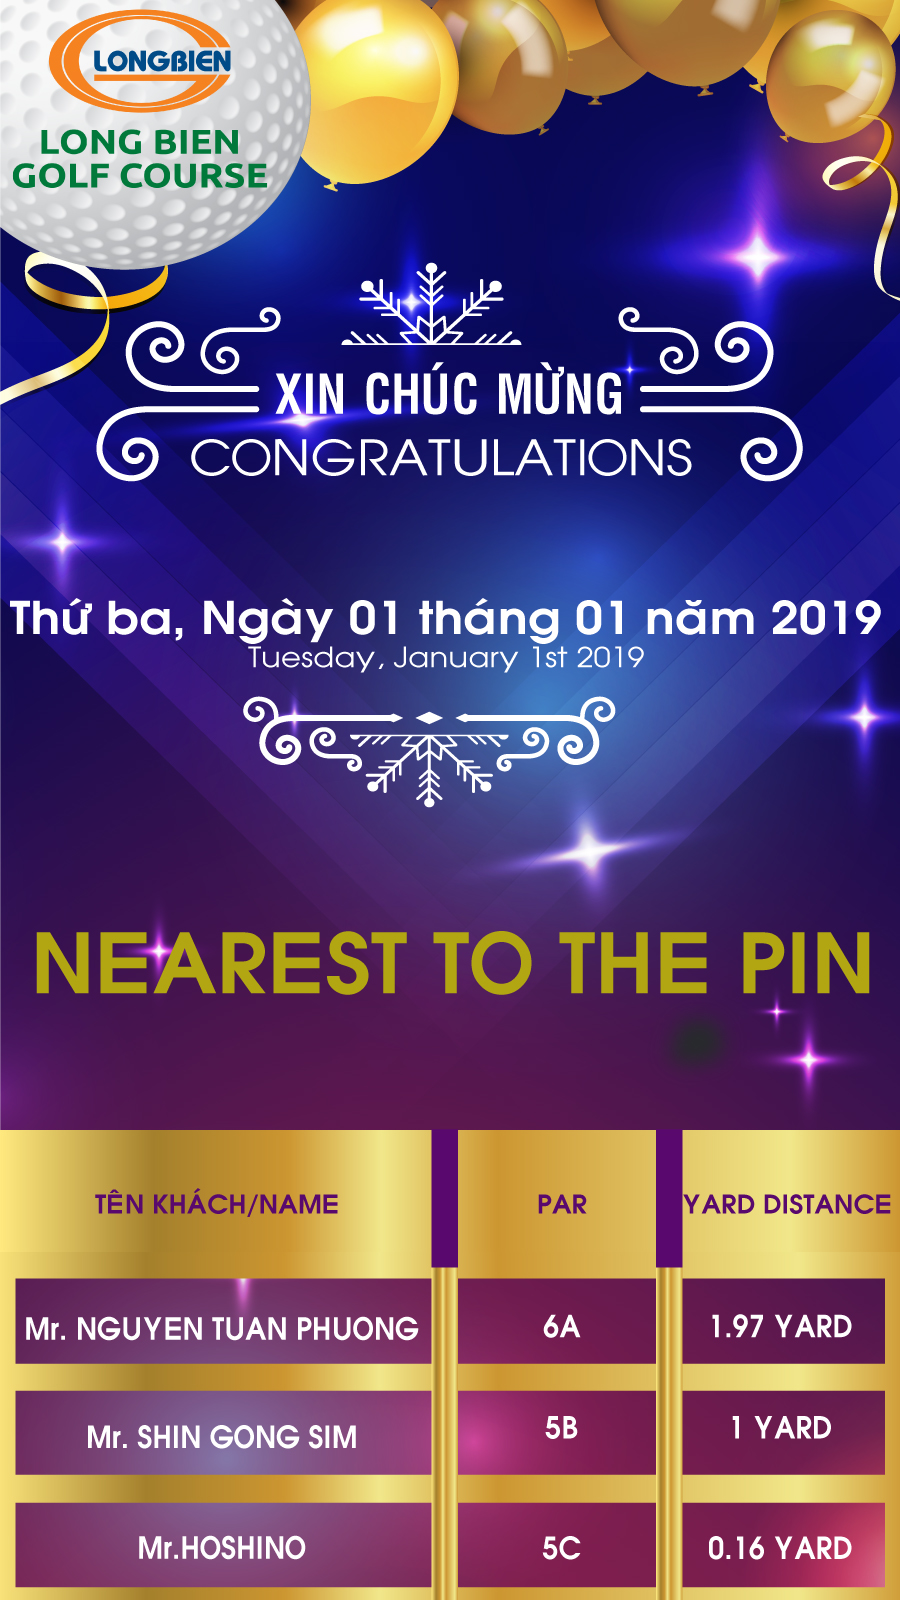 KẾT QUẢ GIẢI NEAREST TO PIN - NGÀY 01/01/2019